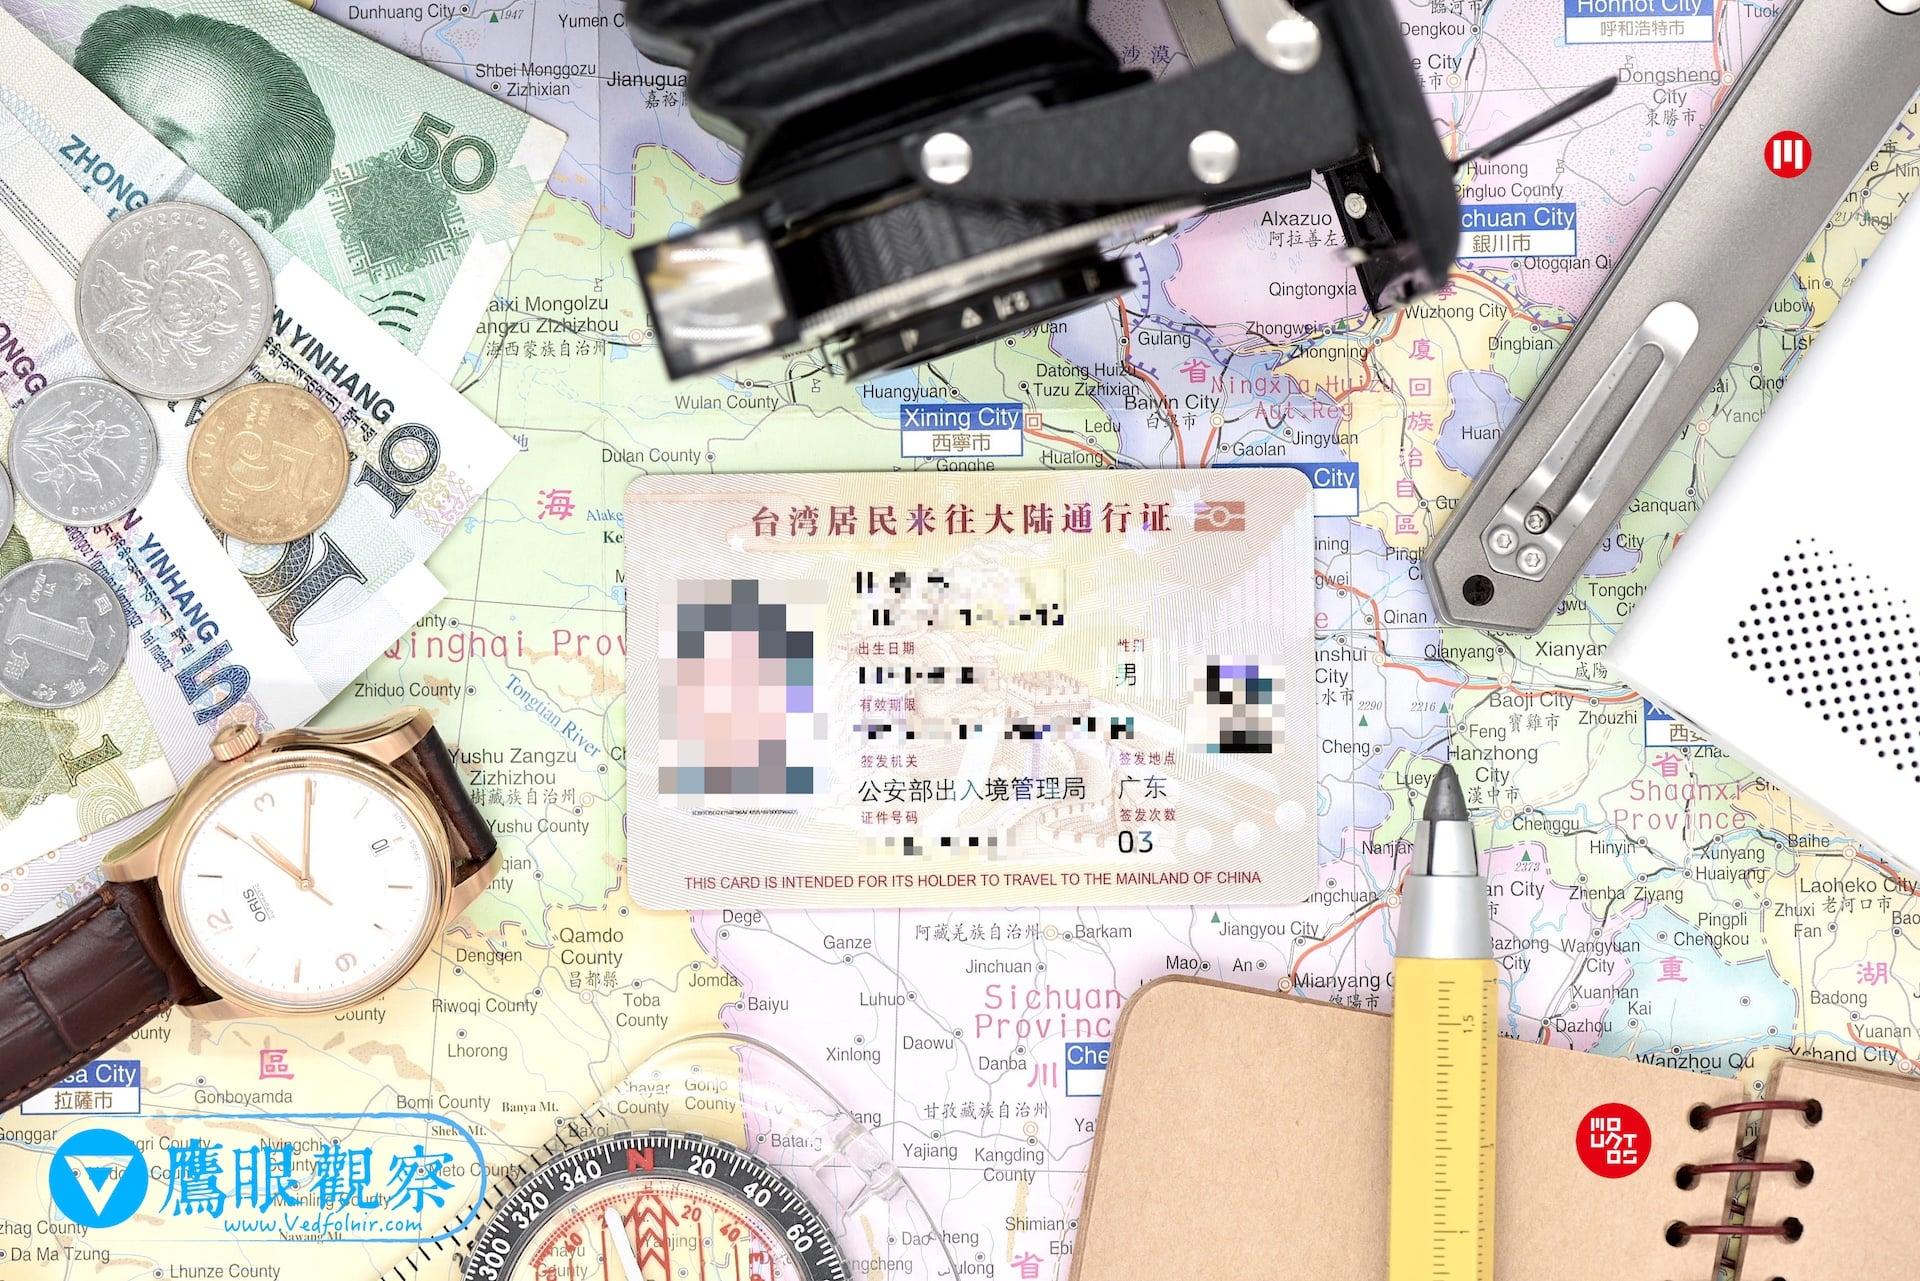 中華民國國民赴大陸旅行用臺胞證。